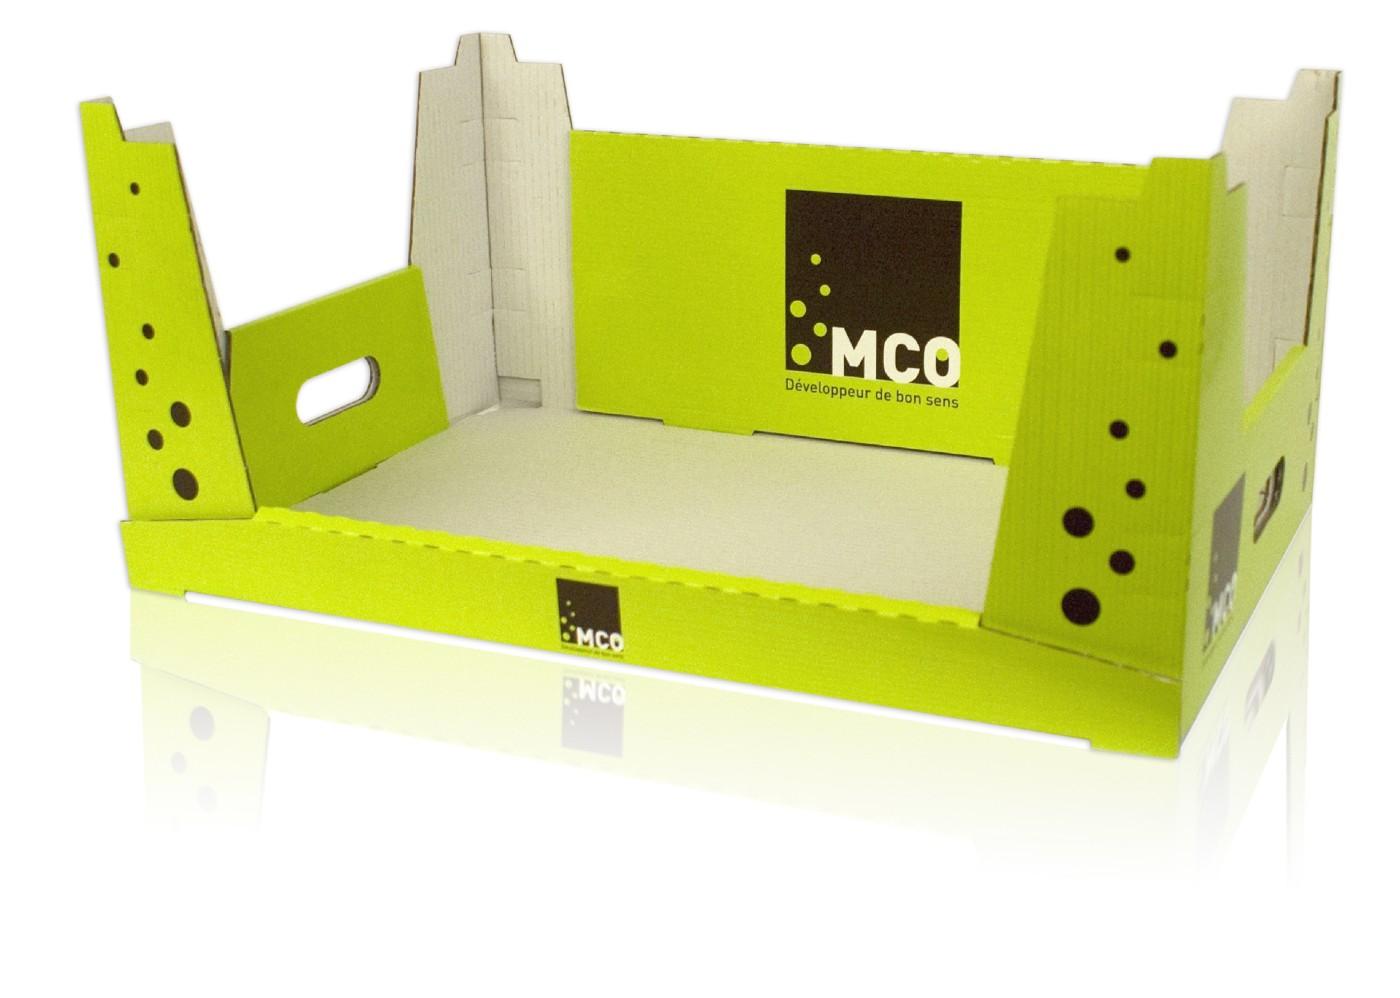 bac MCO.jpg